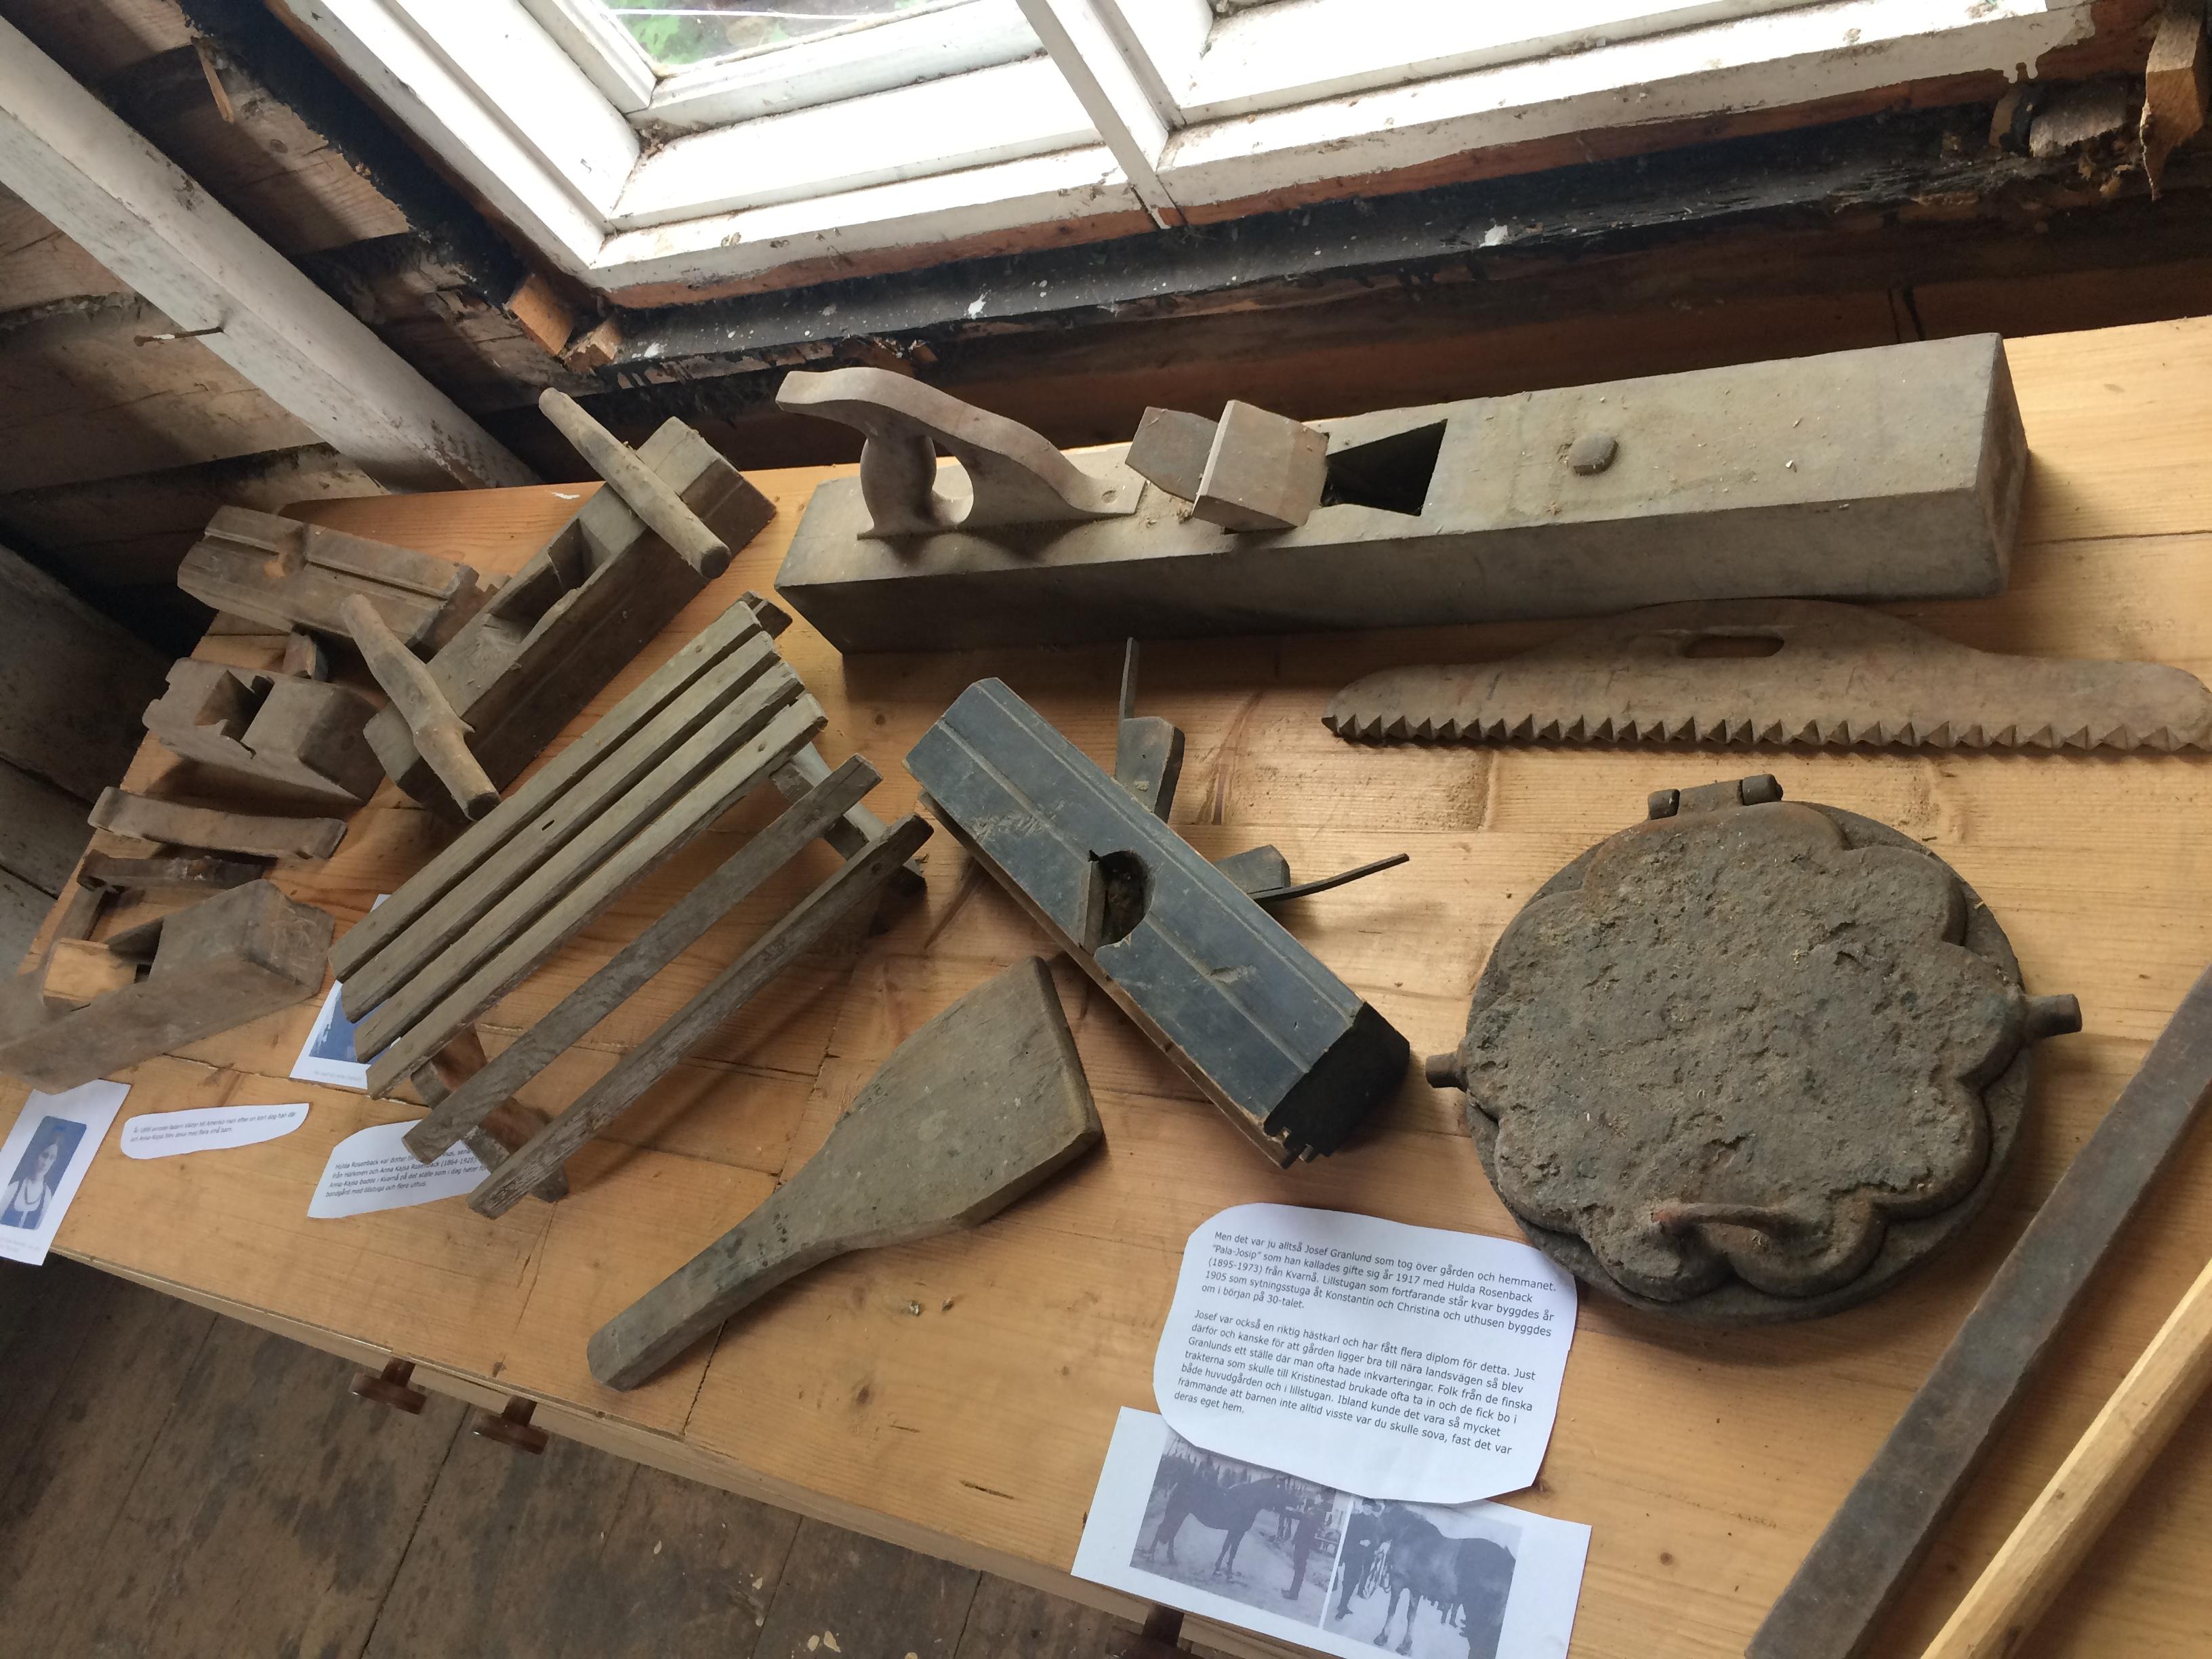 De gamla föremålen är så välgjorda att de skulle fungera bra ännu i dag.